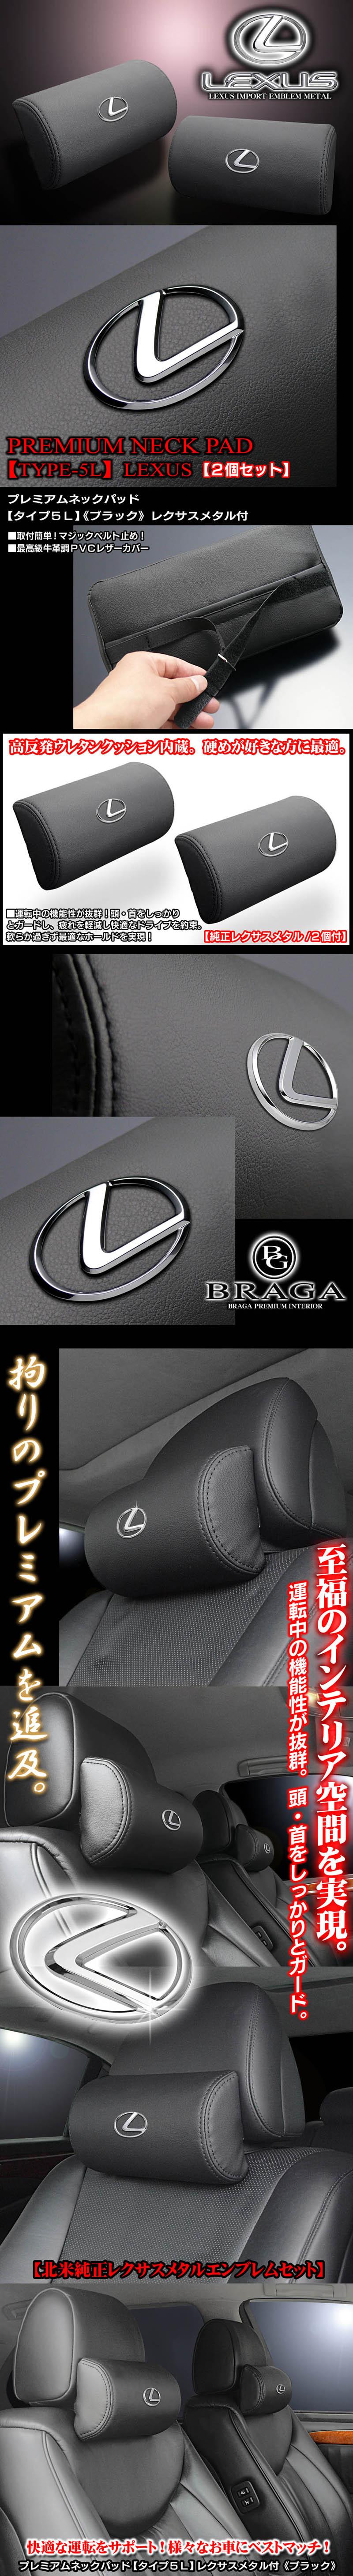 レクサスメタル付《タイプ5L》プレミアムネックパッド【ブラック/2個セット】高反発ウレタン内蔵牛革調PVCレザー製/ブラガ